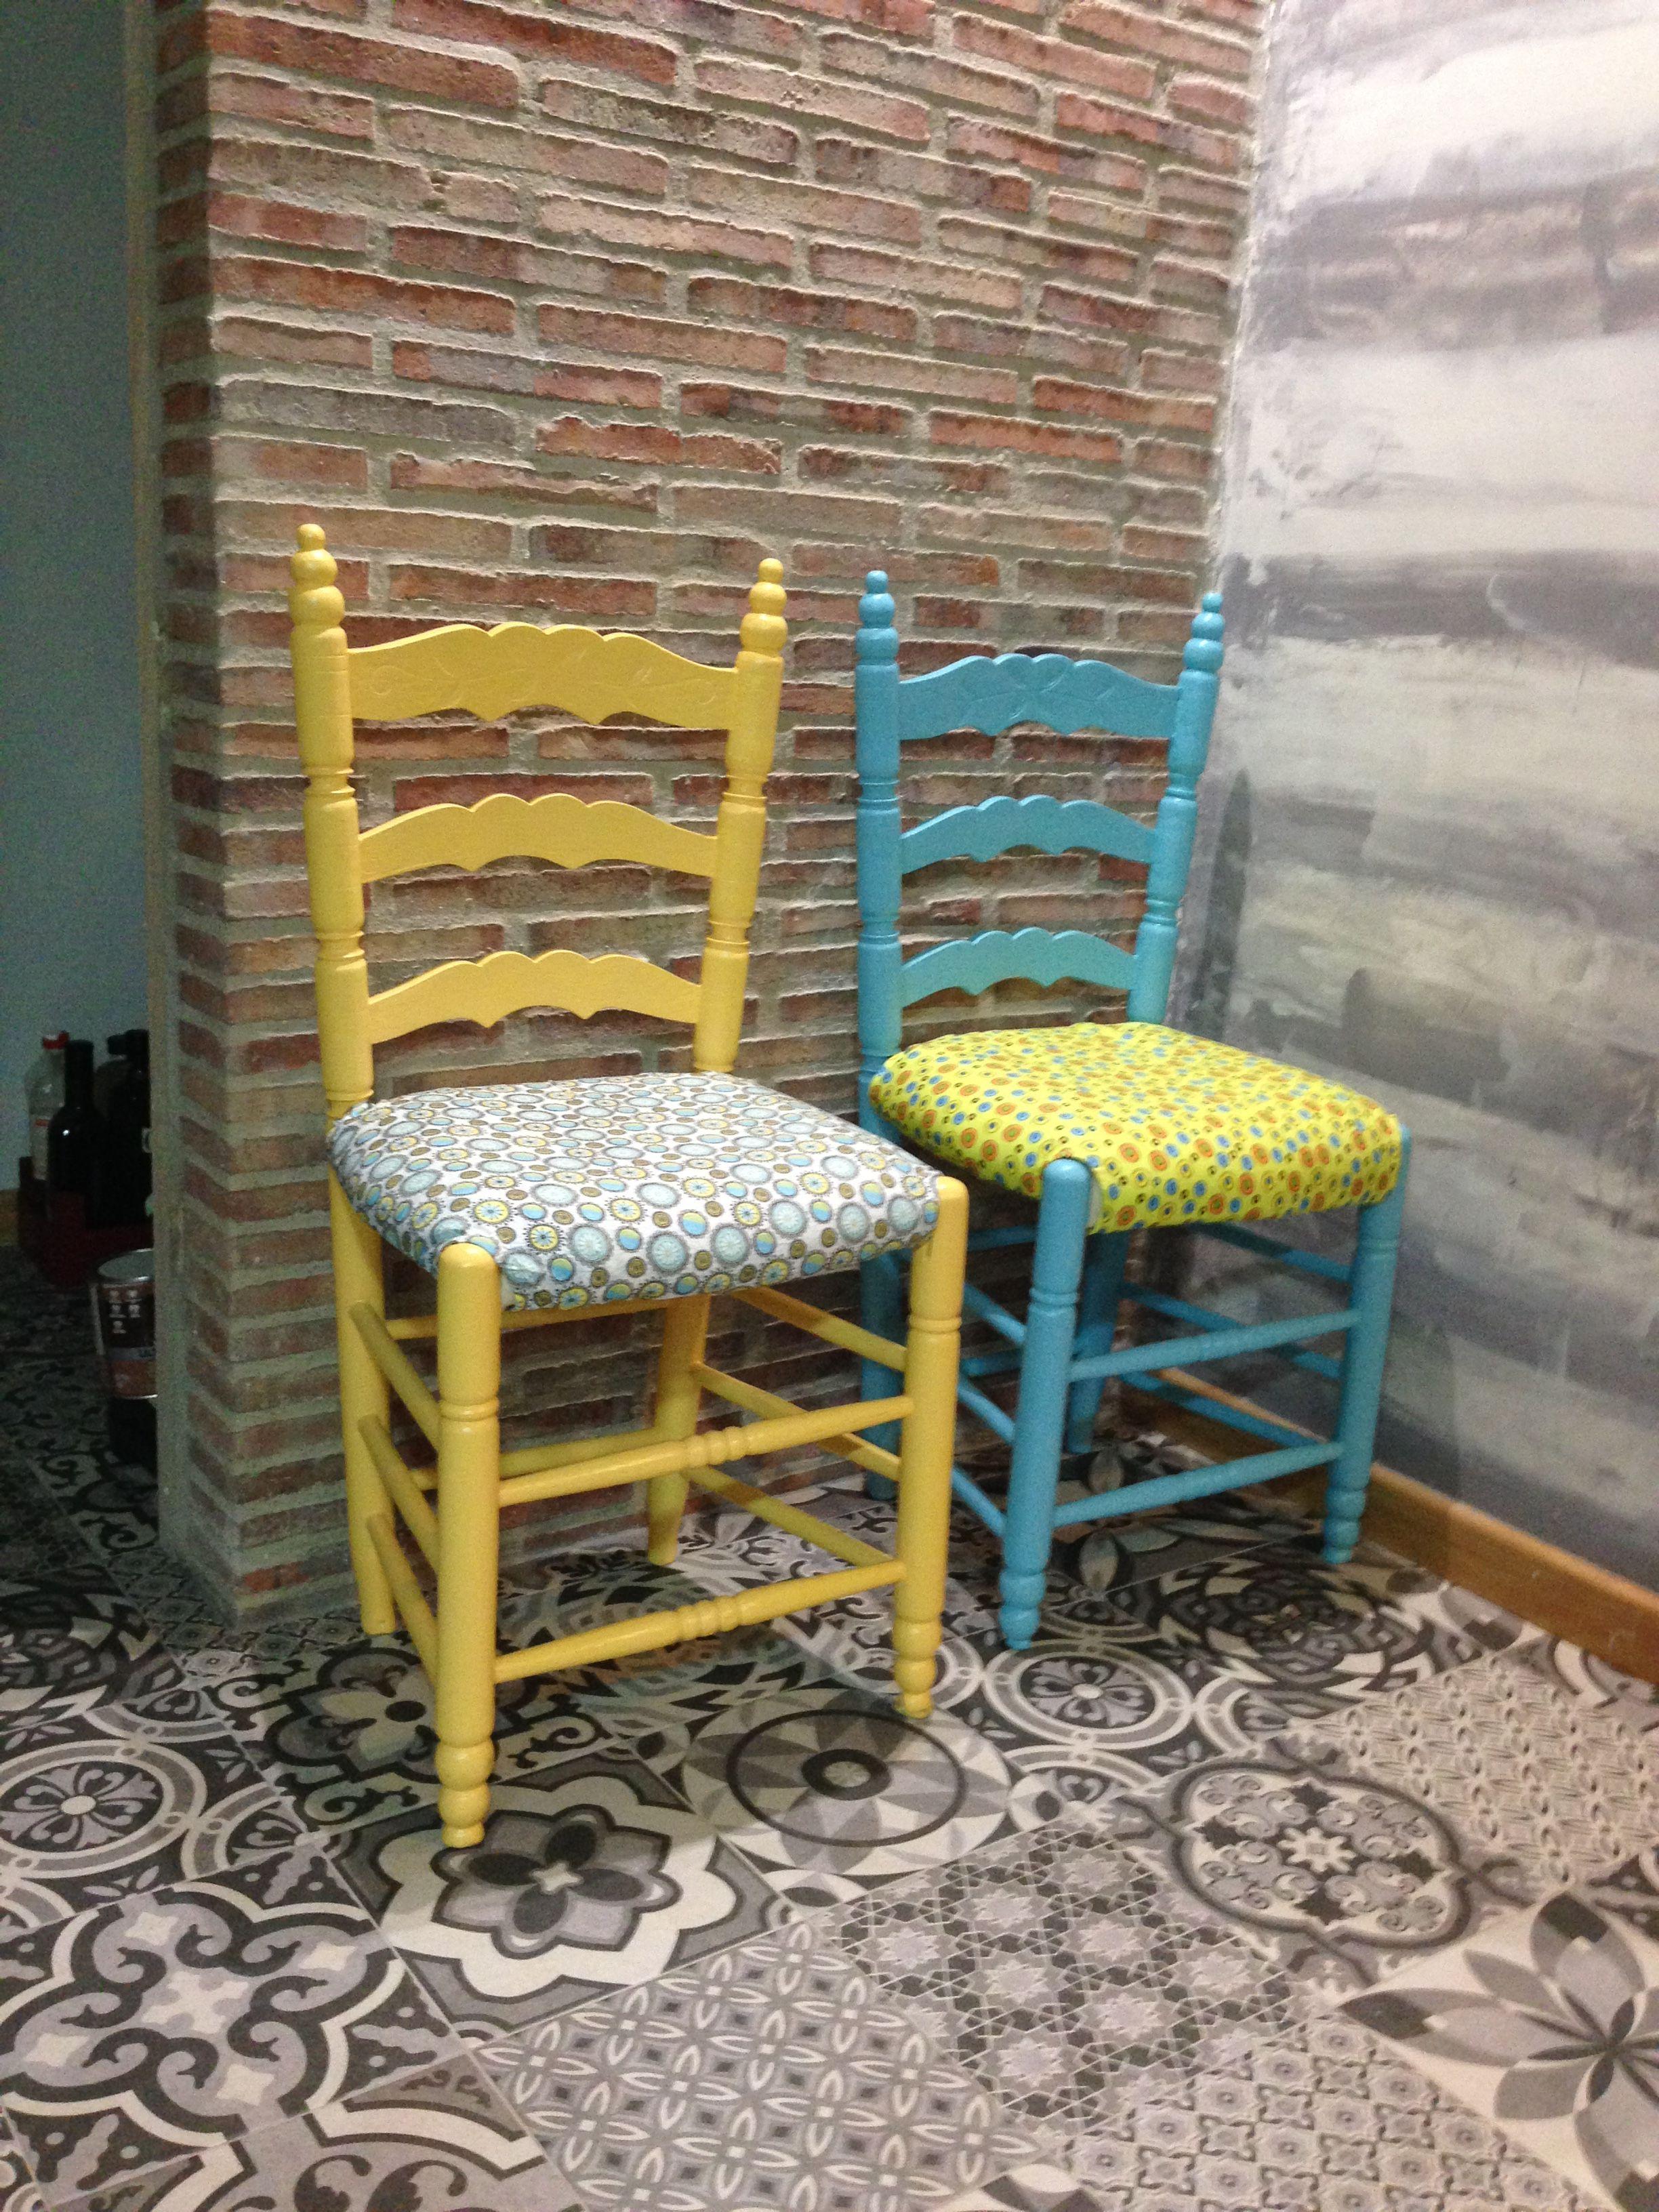 Eran unas sillas de enea viejas y as quedaron tunear for Muebles etxeberria